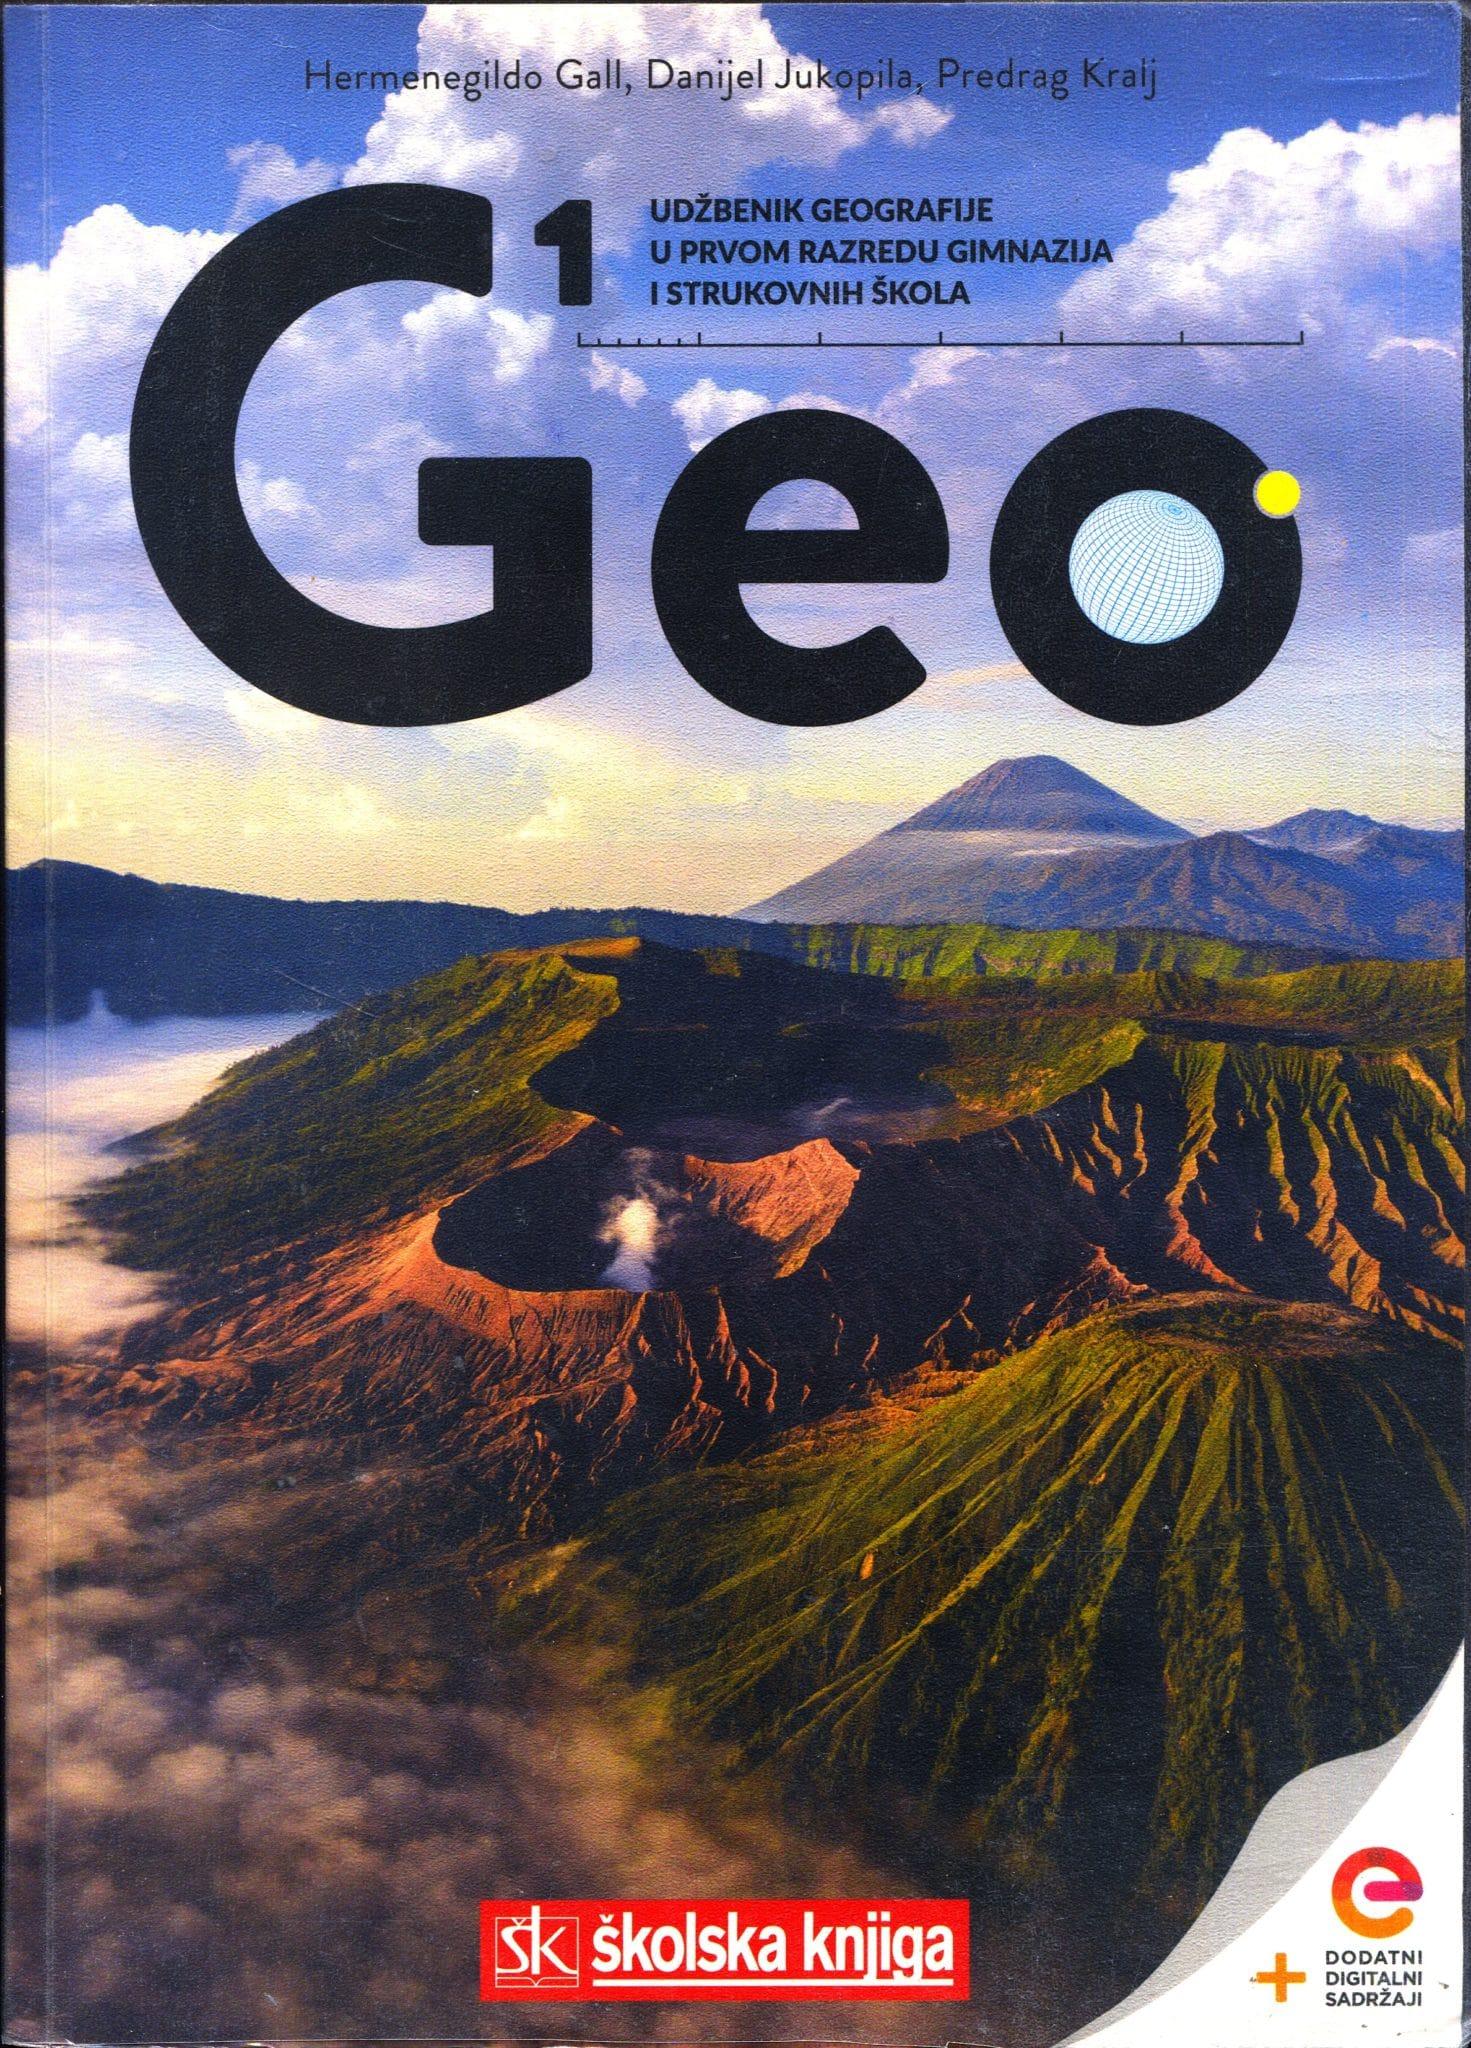 GEO 1 : udžbenik geografije s dodatnim digitalnim sadržajima u prvom razredu gimnazija i strukovnih škola autora Hermenegildo Gall, Danijel Jukopila, Predrag Kralj